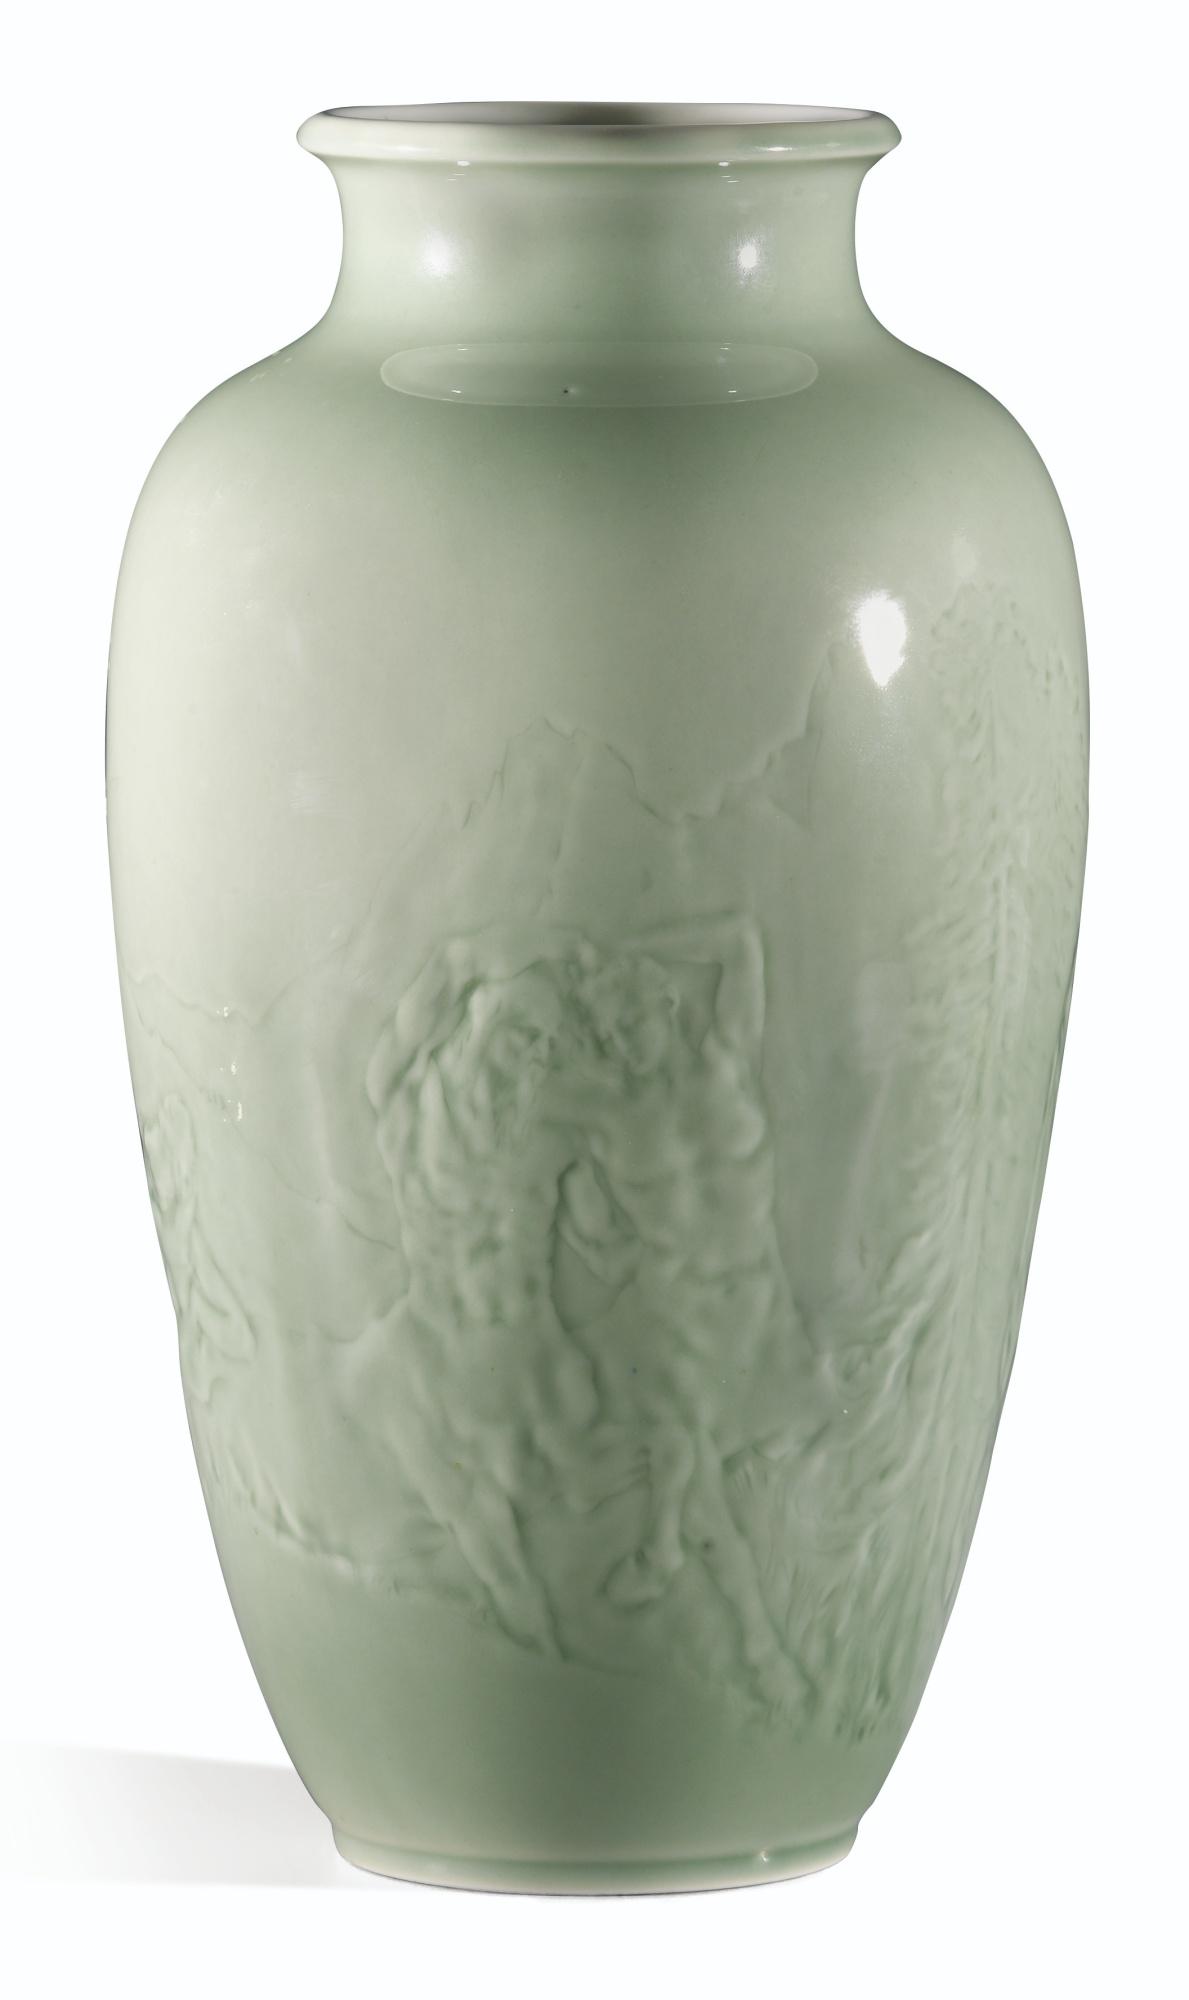 Auguste Rodin-Manufacture De Sevres And Auguste Rodin - Vase Saigon: Les Centaures-1934